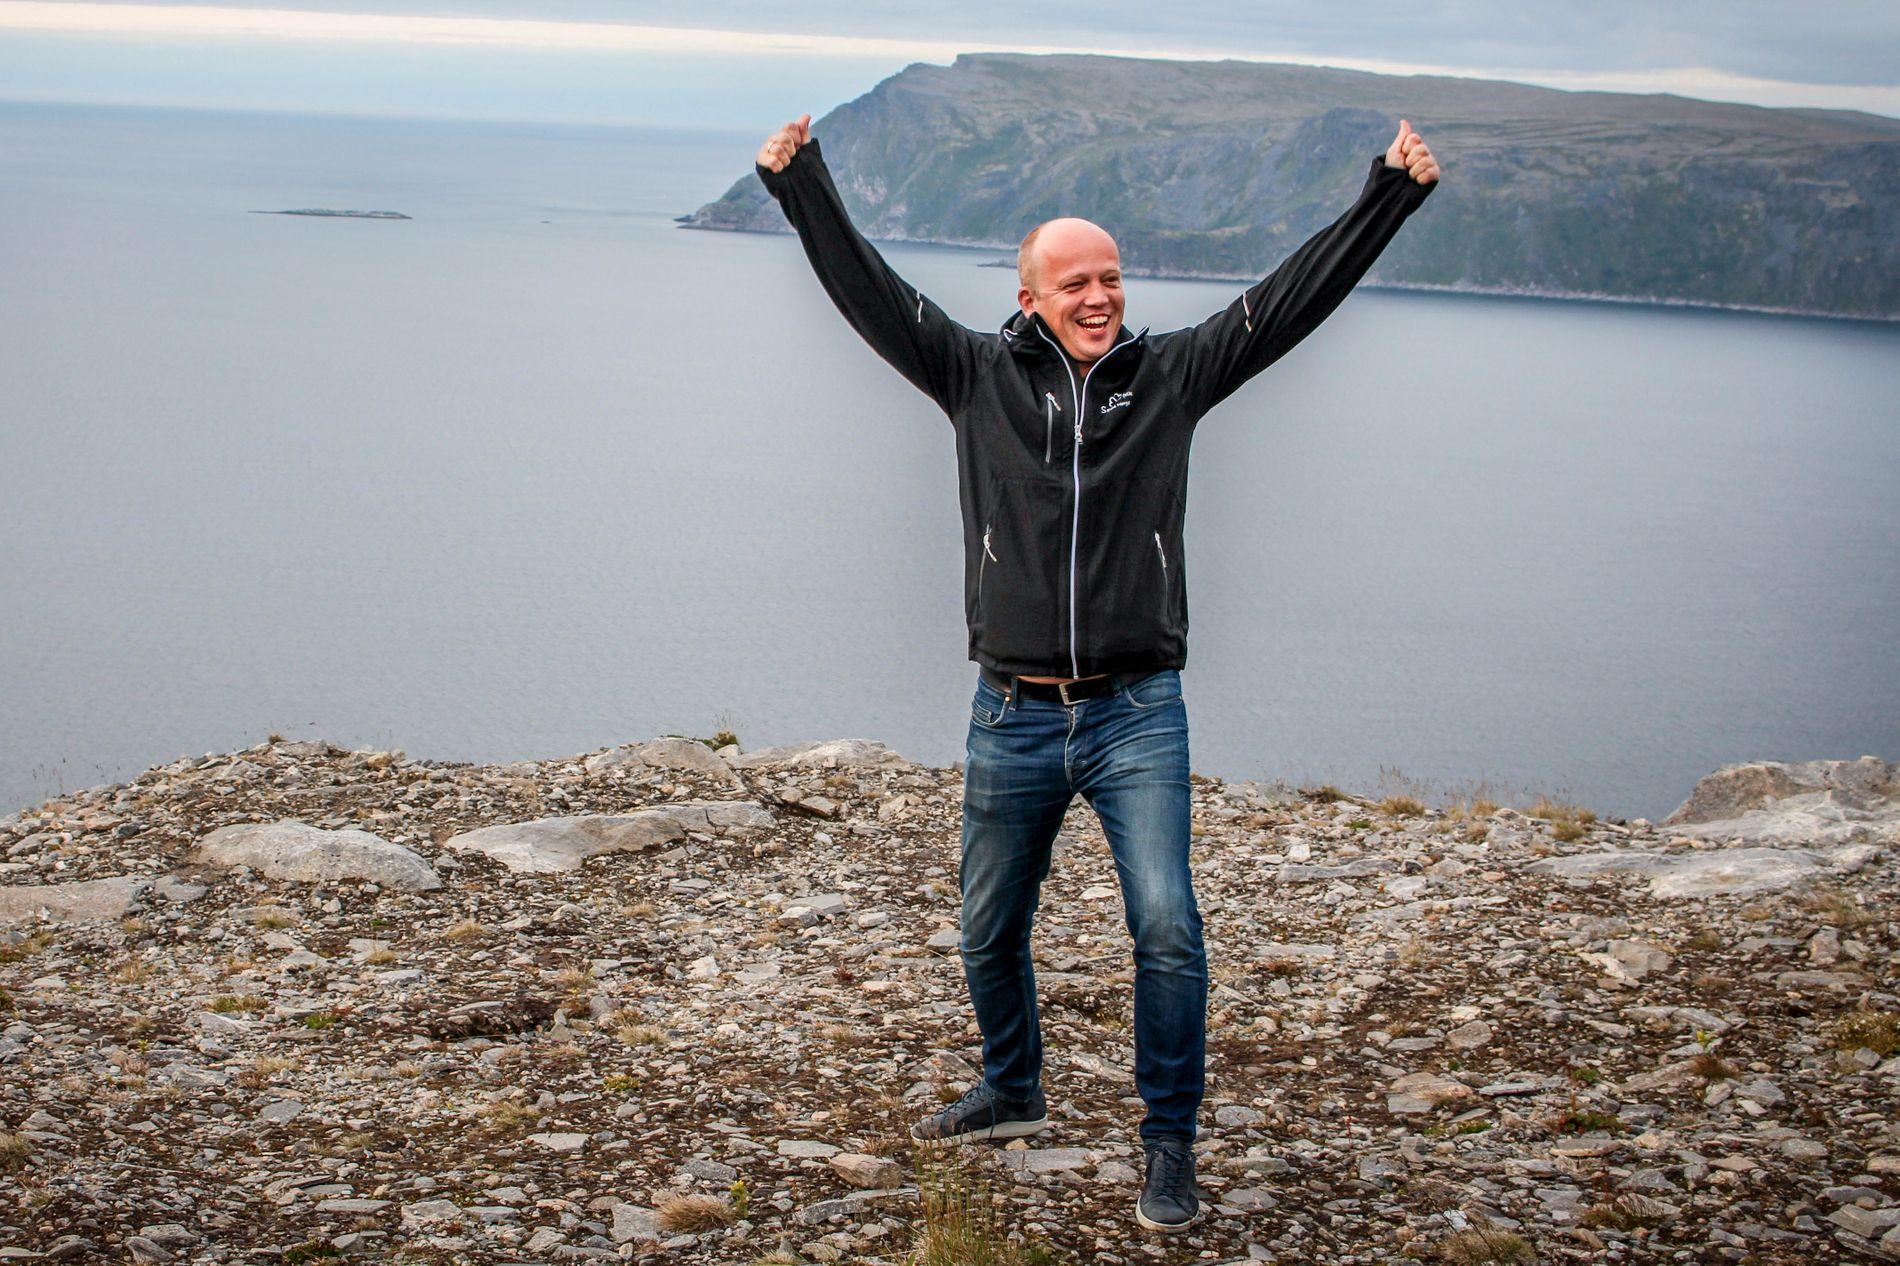 JUBLER: Senterparti-leder Trygve Slagsvold Vedum på vei til Måsøy i Finnmark der han håper på mer makt i flere kommuner.